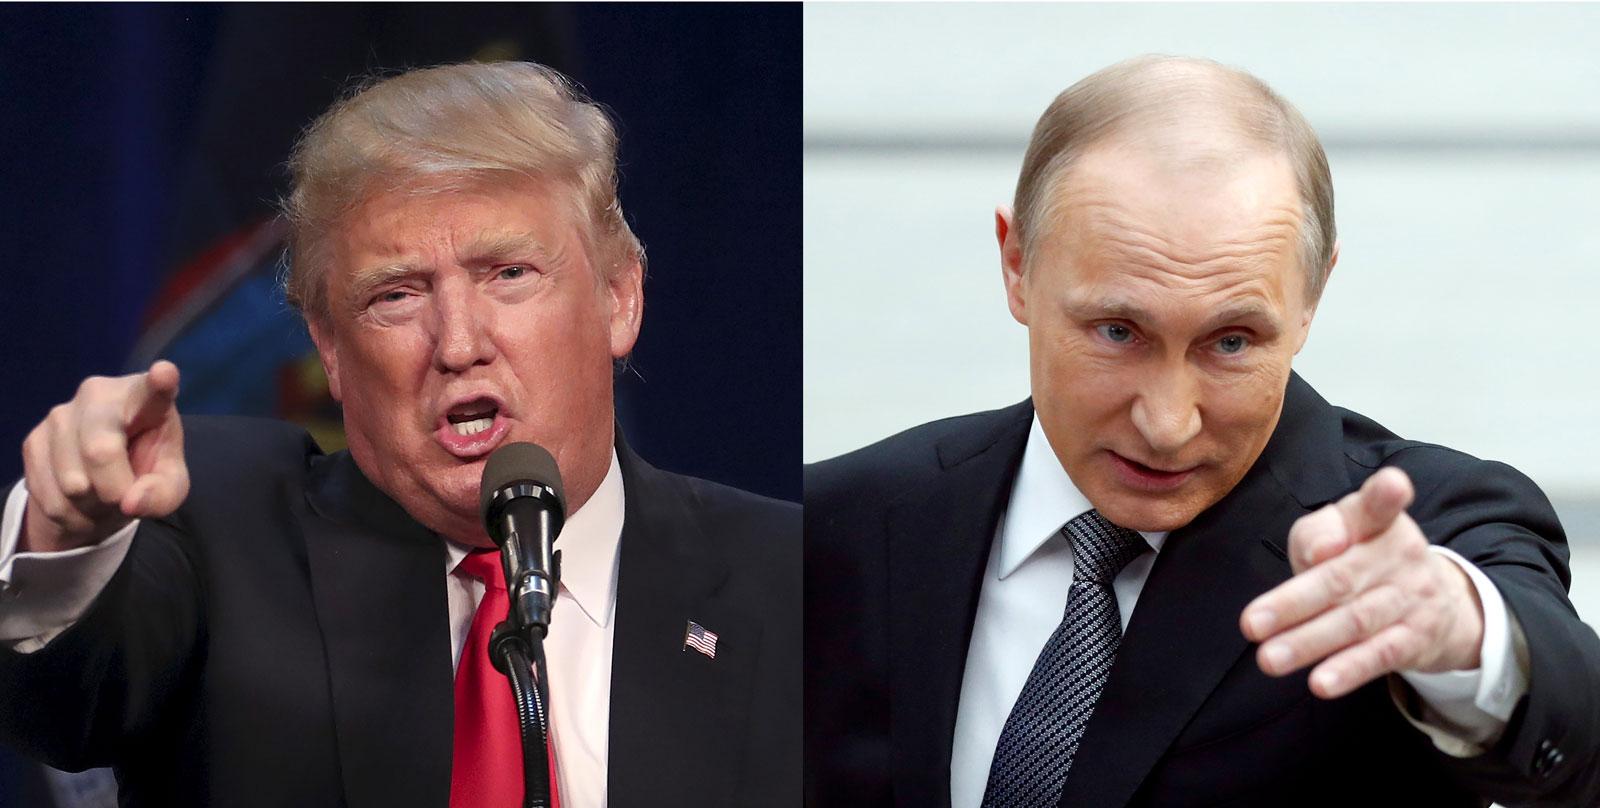 Putin və Tramp görüşəcək: Təlimat verildi